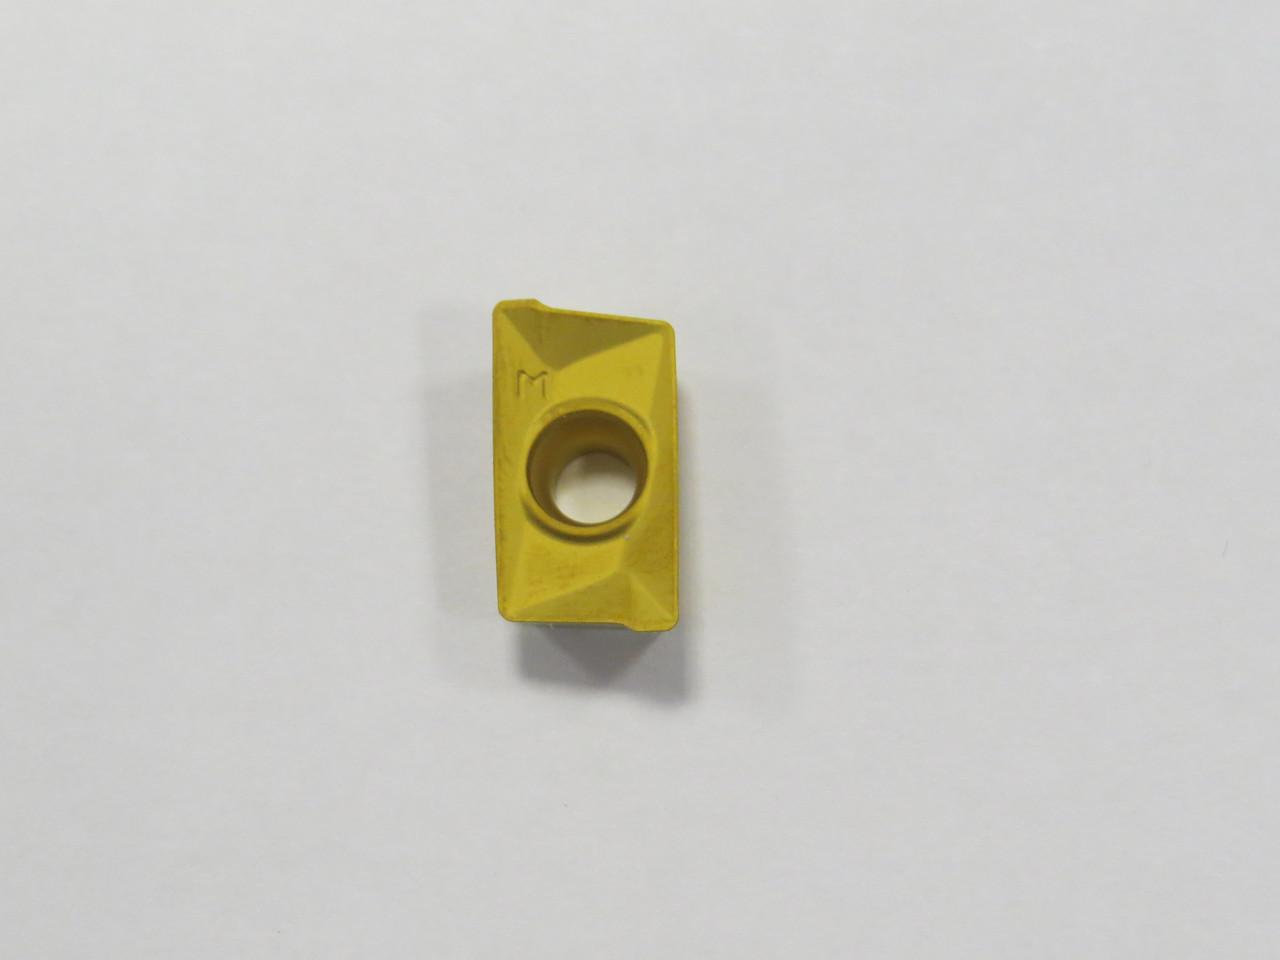 Твердосплавная пластина сменная APKT160408-PM YBC301 ZCC-CT